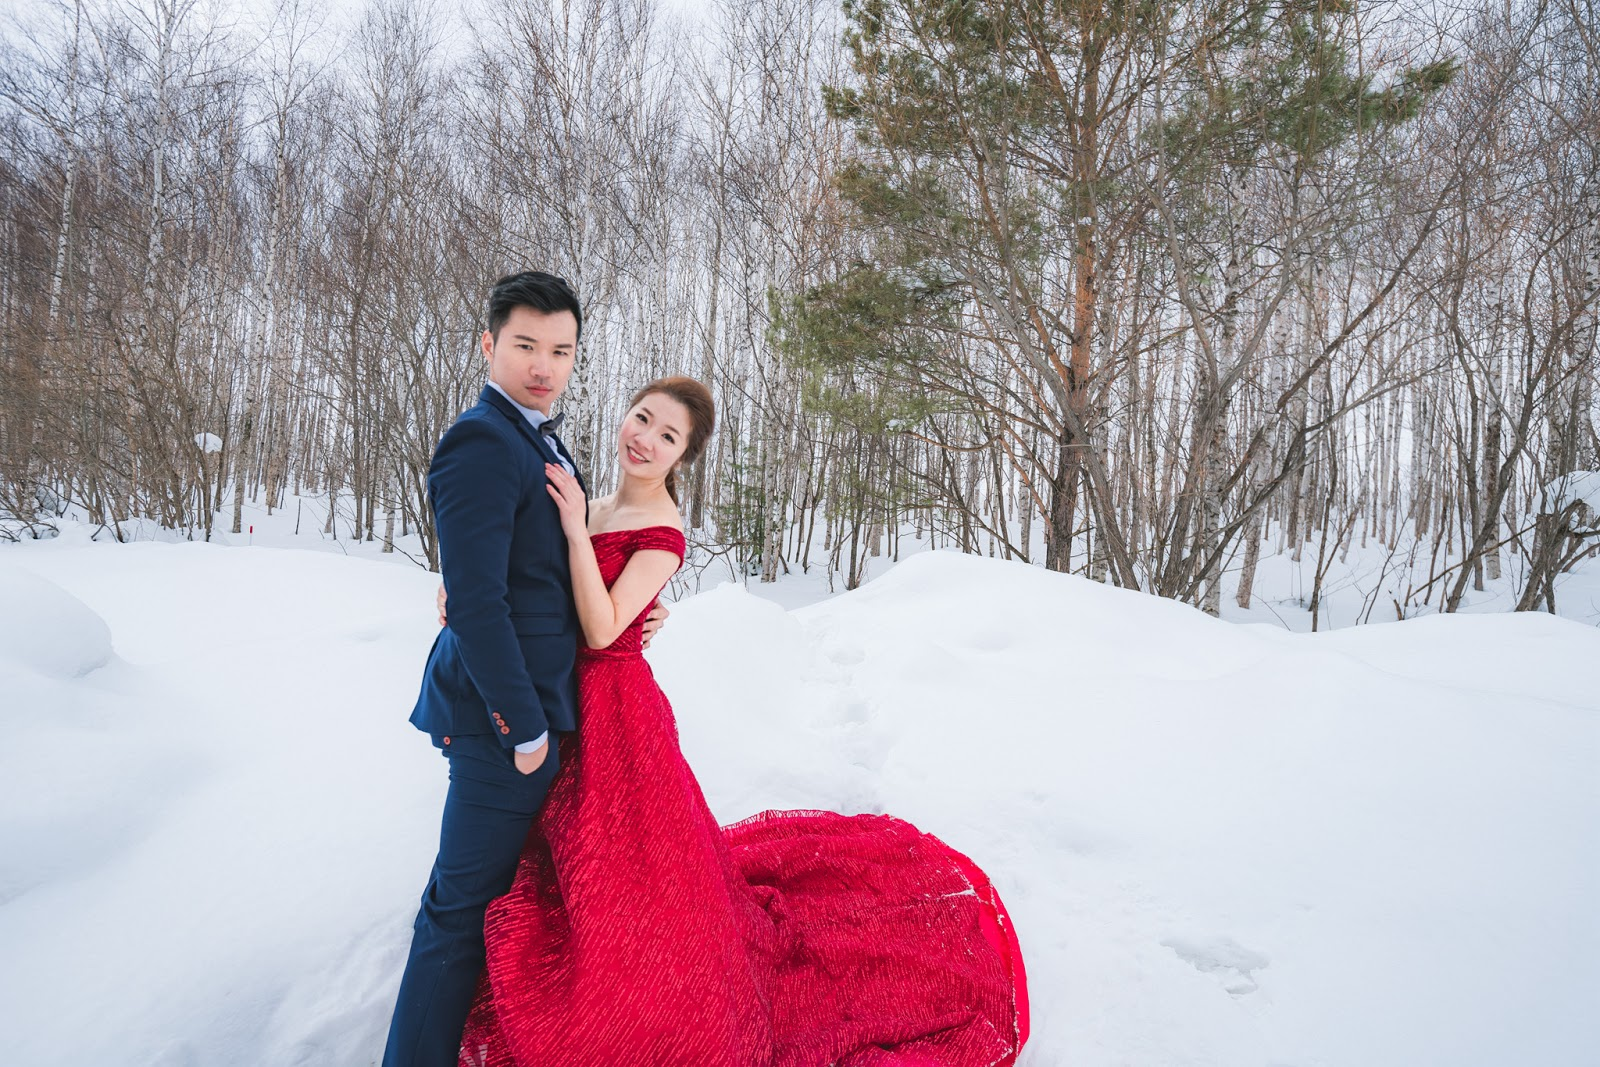 [北海道雪國婚紗] 日本海外婚紗 世界最美的北海道雪景婚紗 台北海外婚紗推薦 瑪朵婚紗